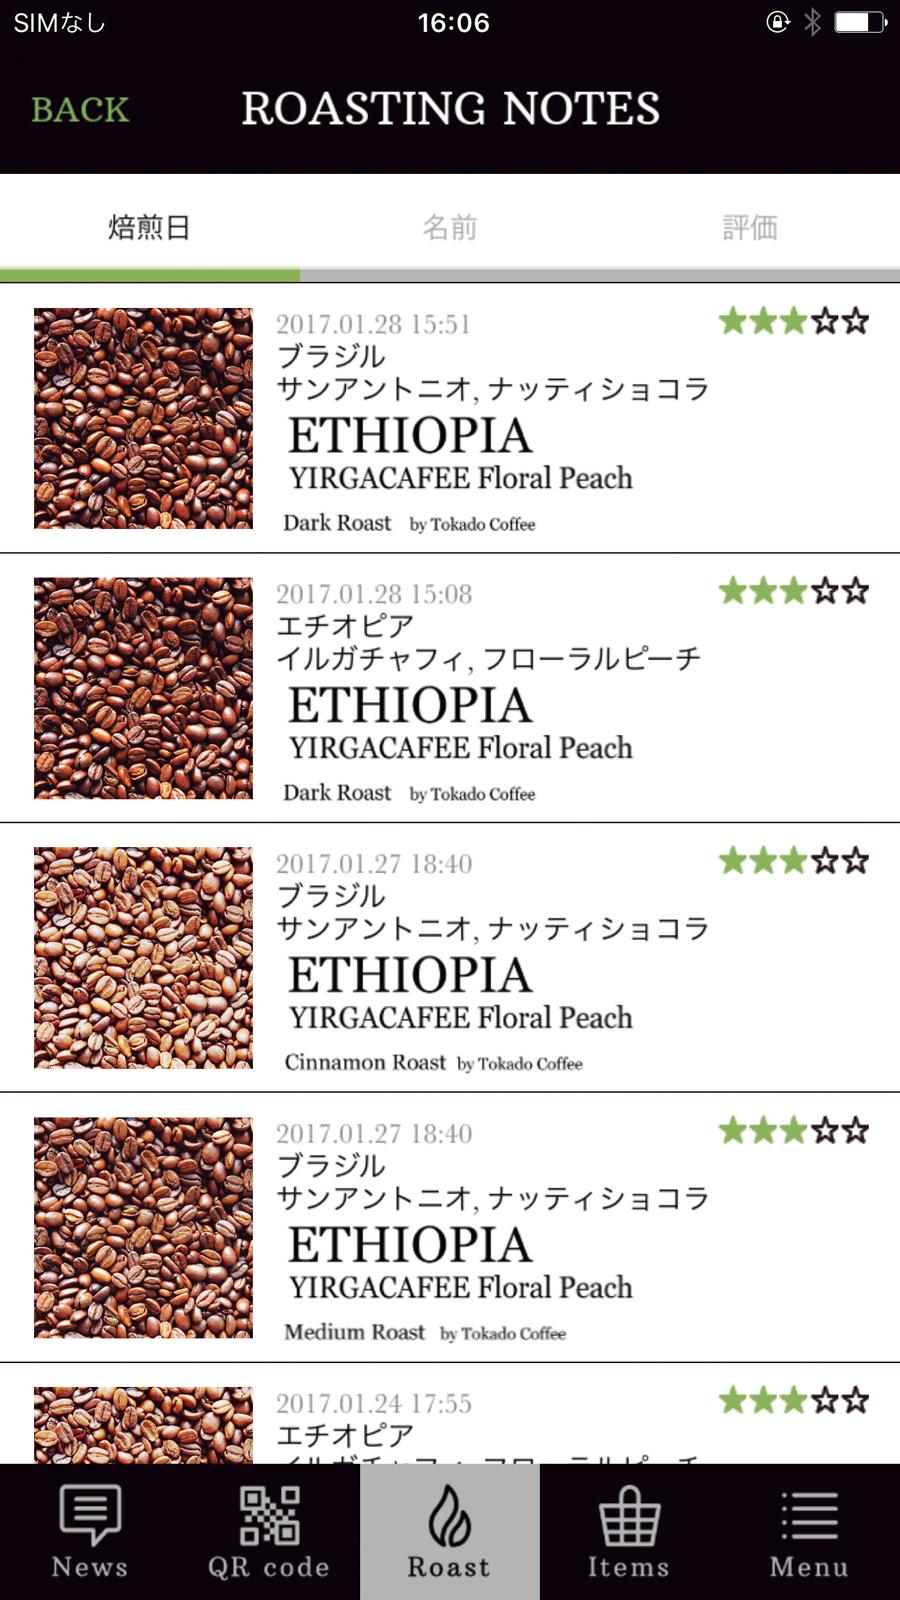 ↑焙煎した生豆の情報をアプリに一覧化。味の評価を記録したり、感想をメモしたりできる